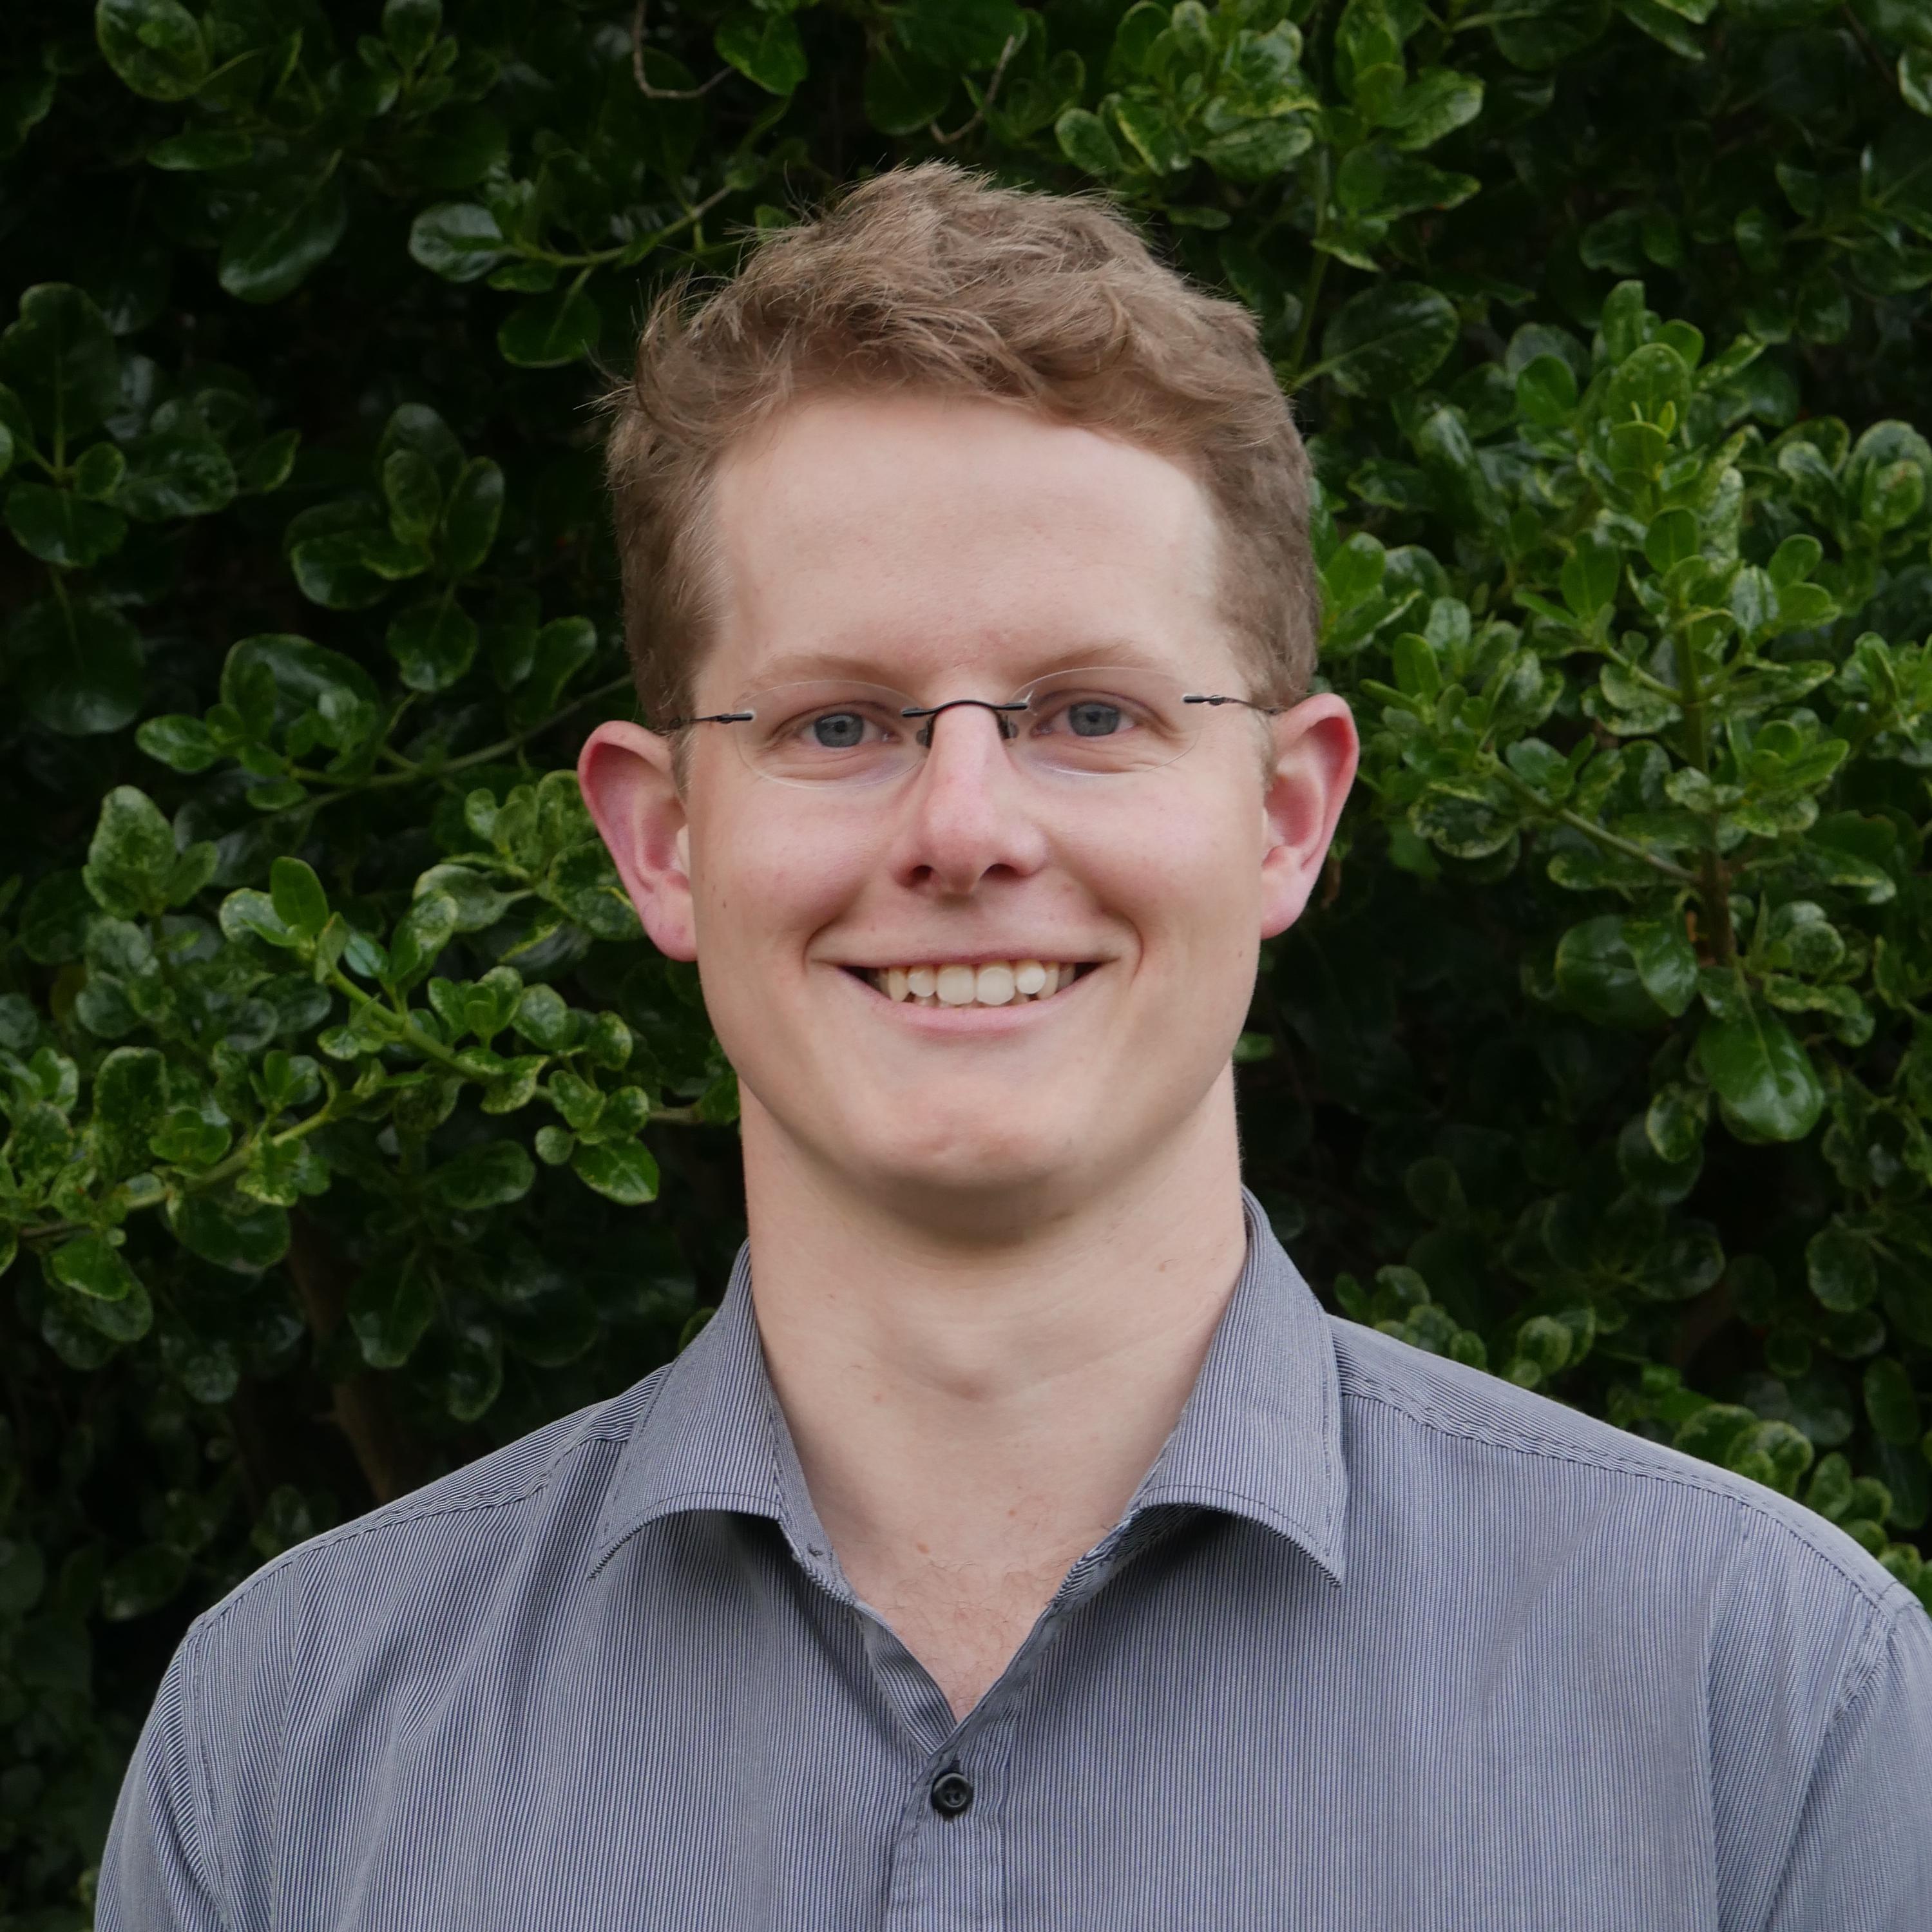 Andrew Pauling